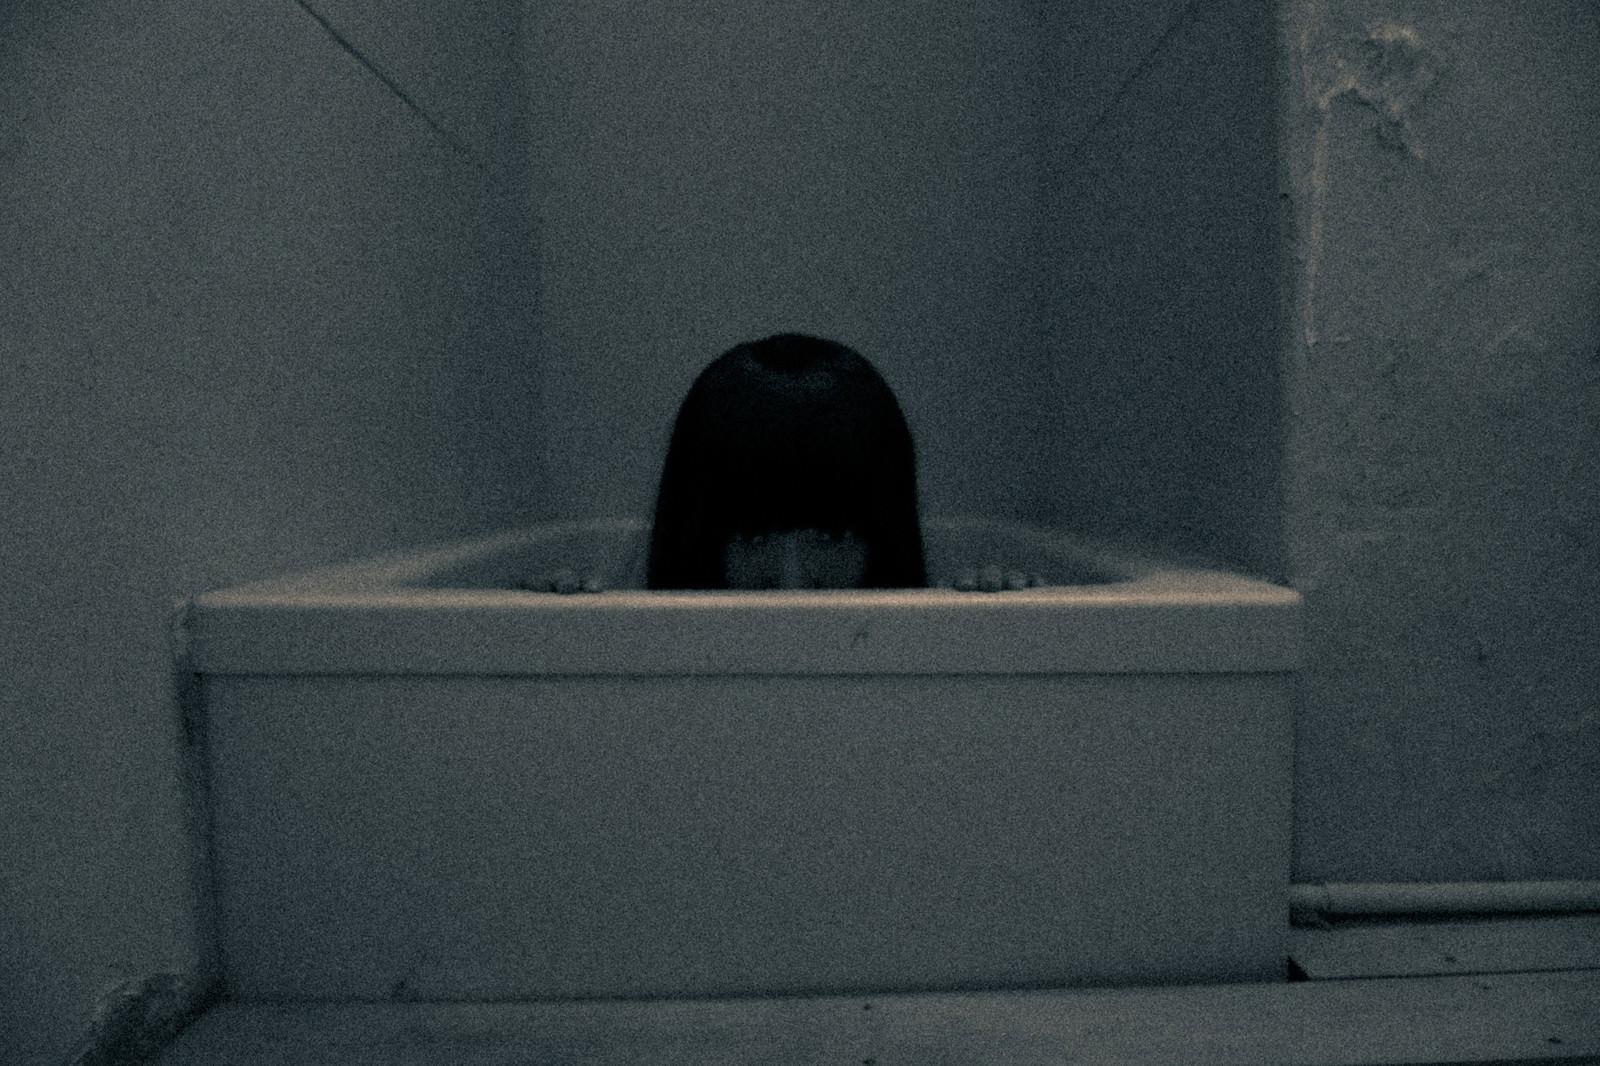 「仄暗い風呂場の底から」の写真